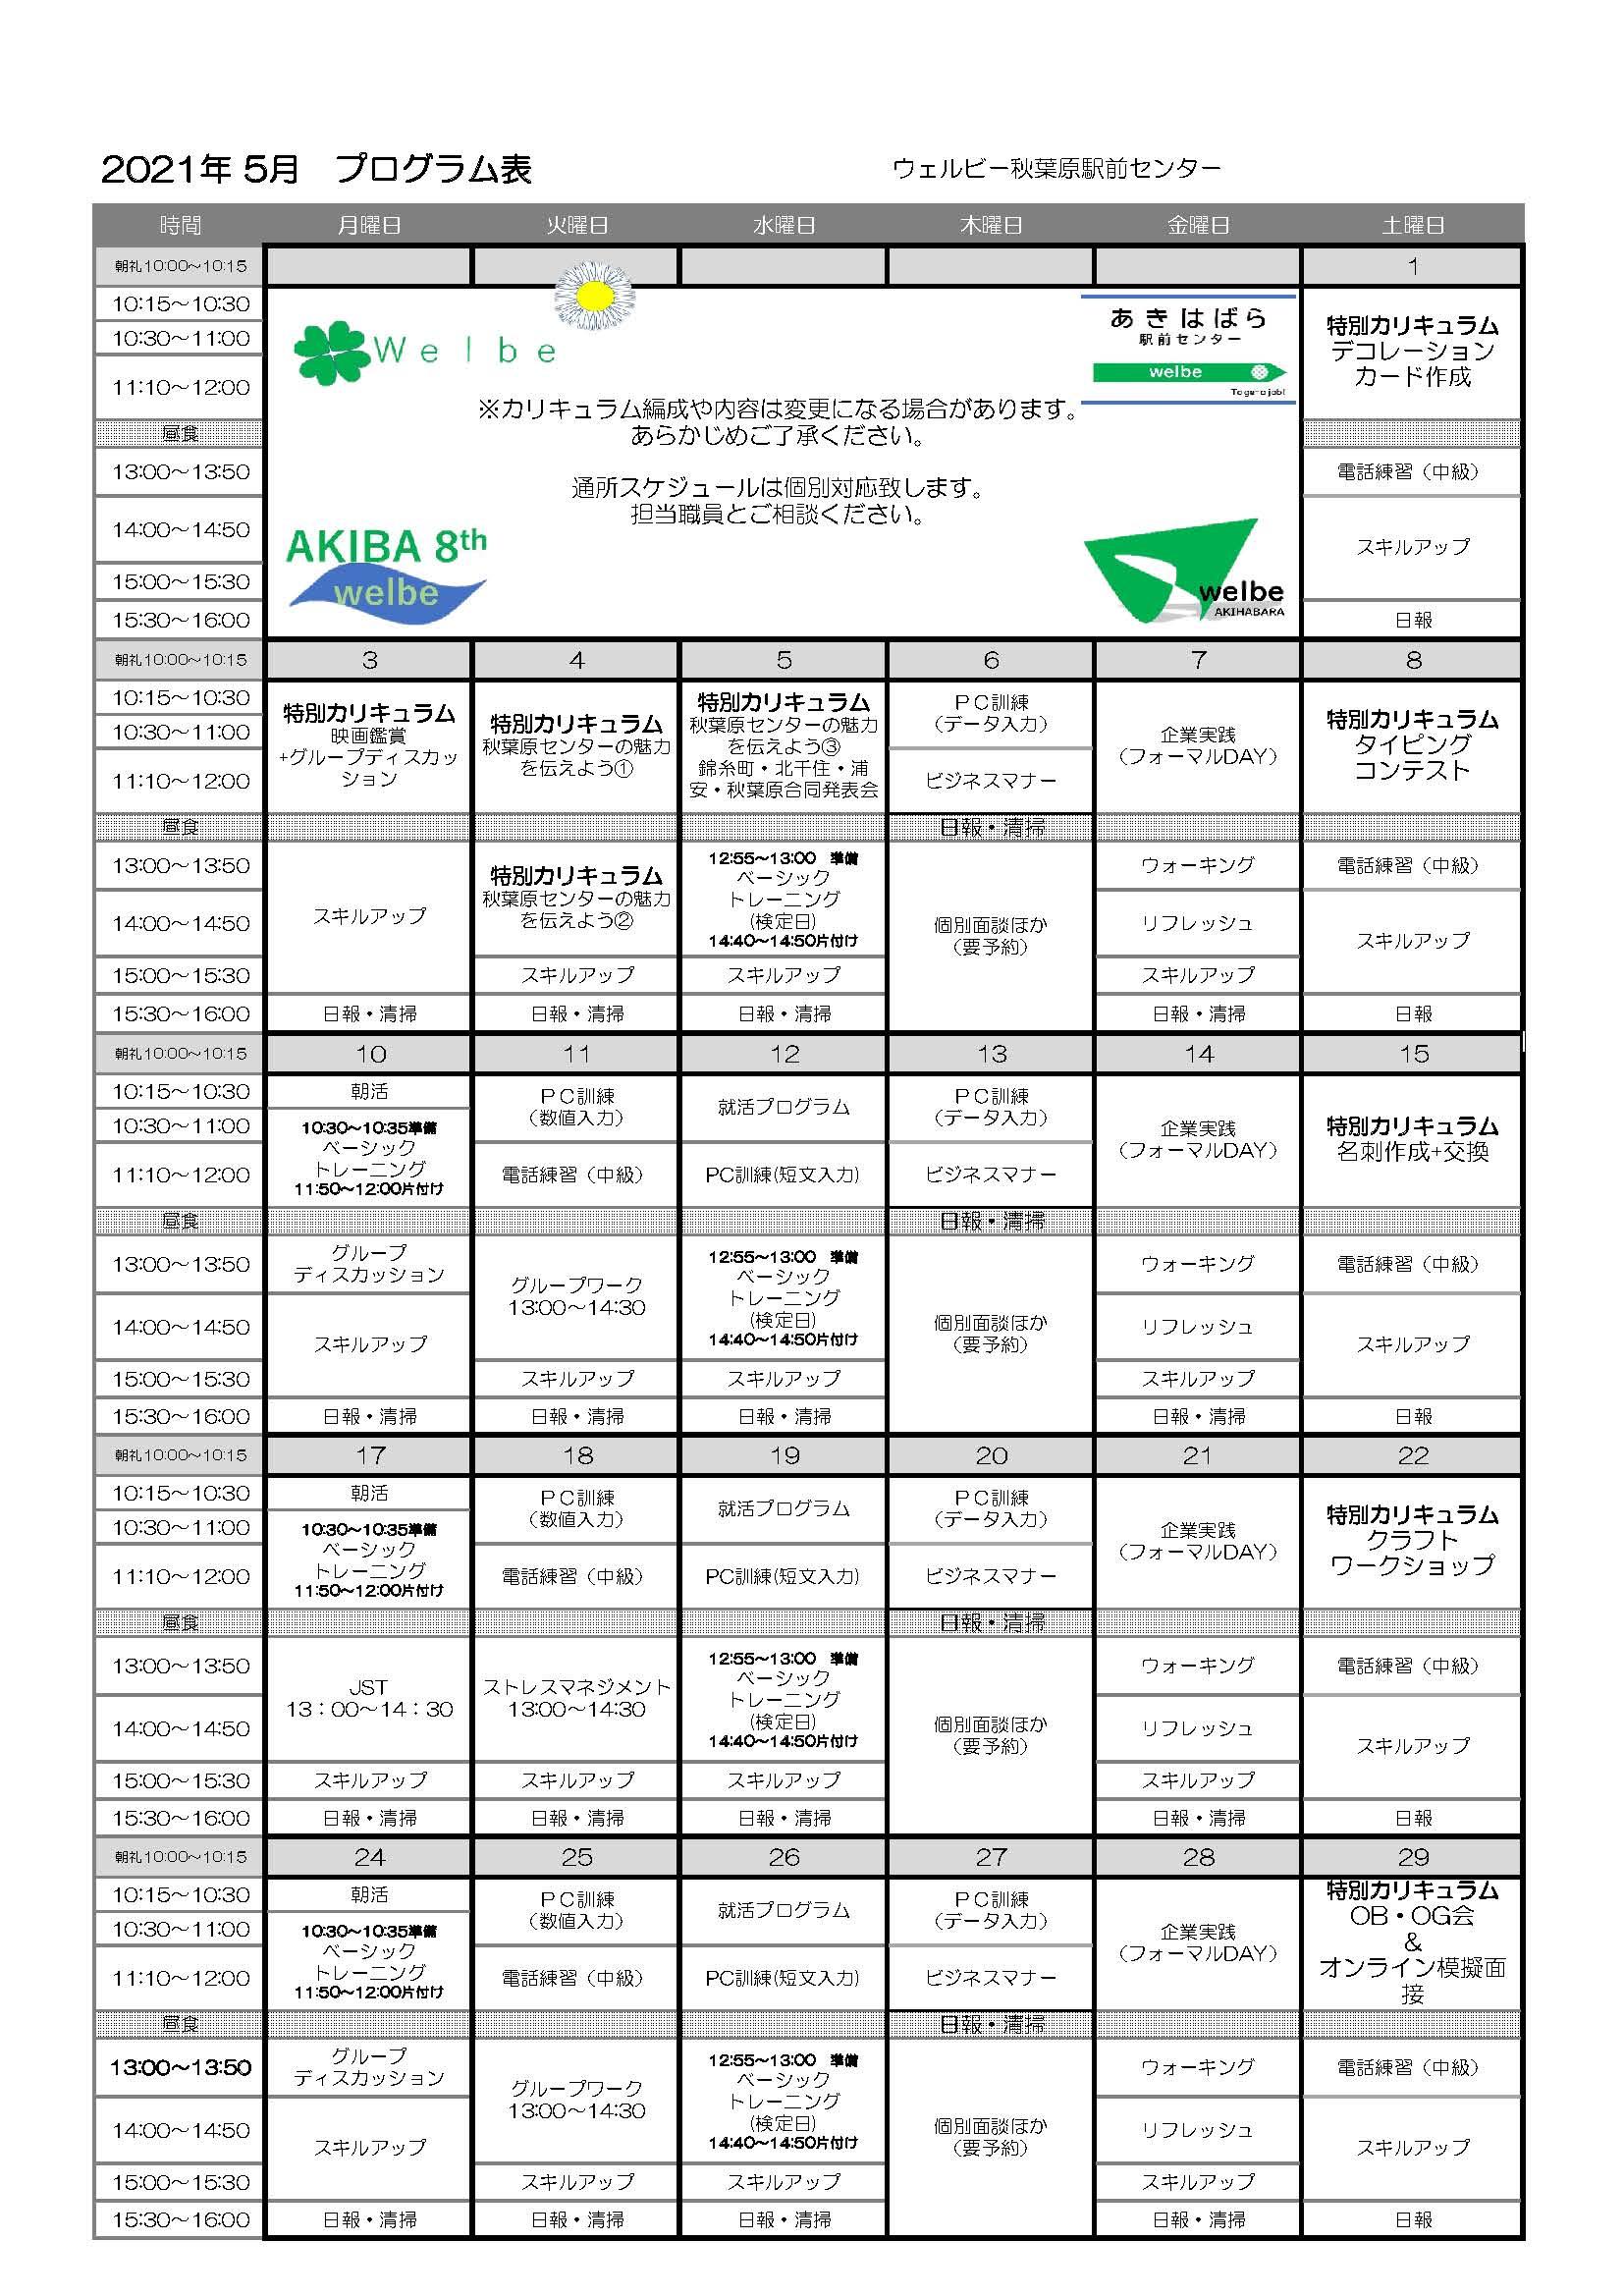 秋葉原駅前センター月間プログラム表(5月)2